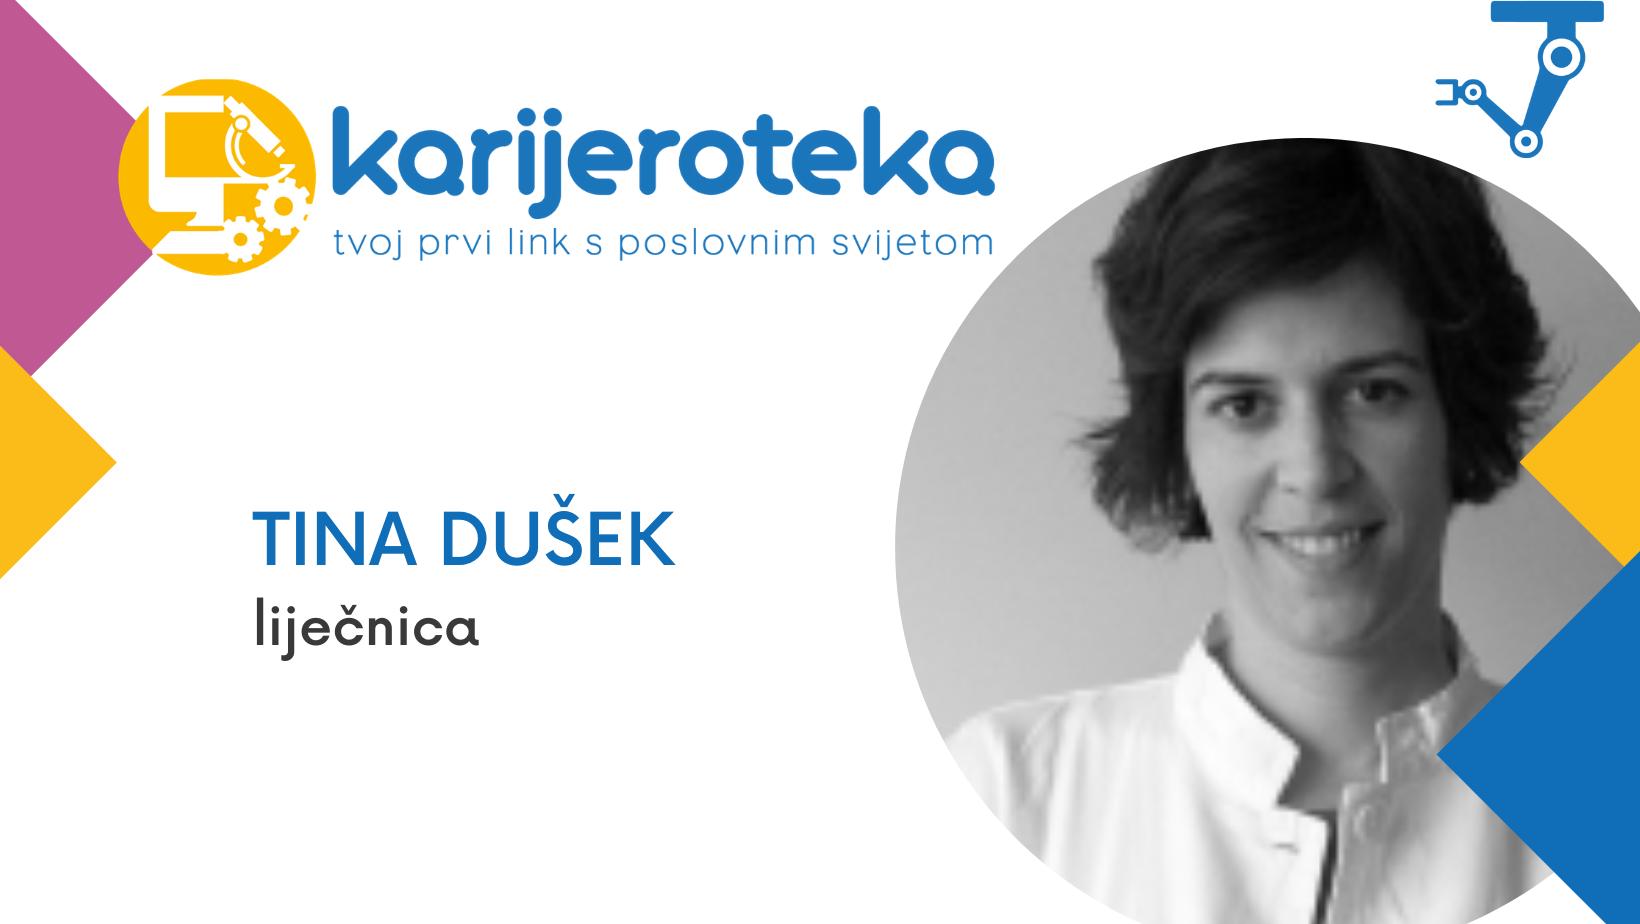 Tina Dušek - karijeroteka